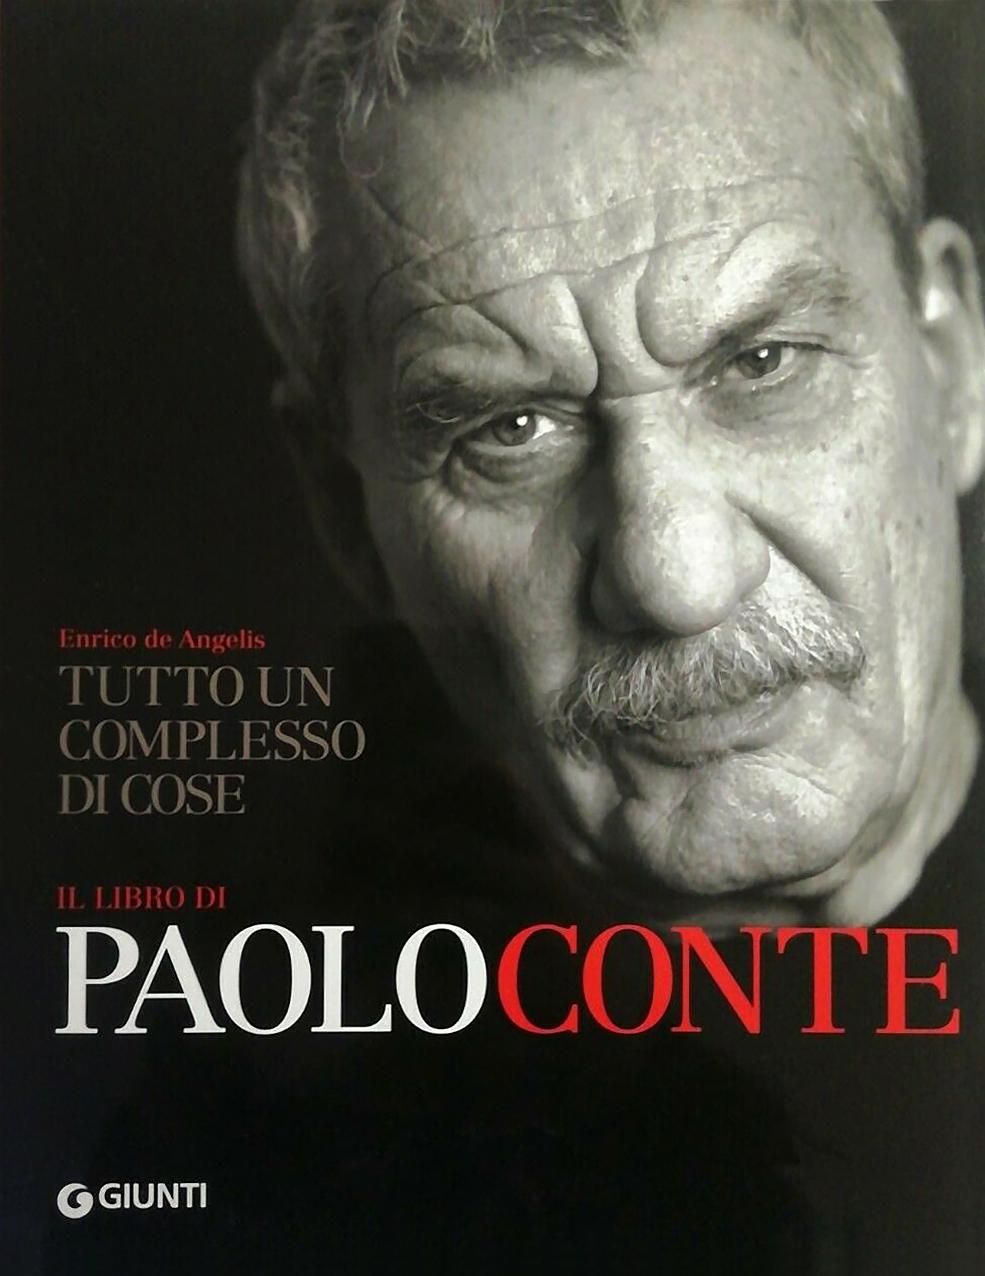 Il libro di Paolo Conte